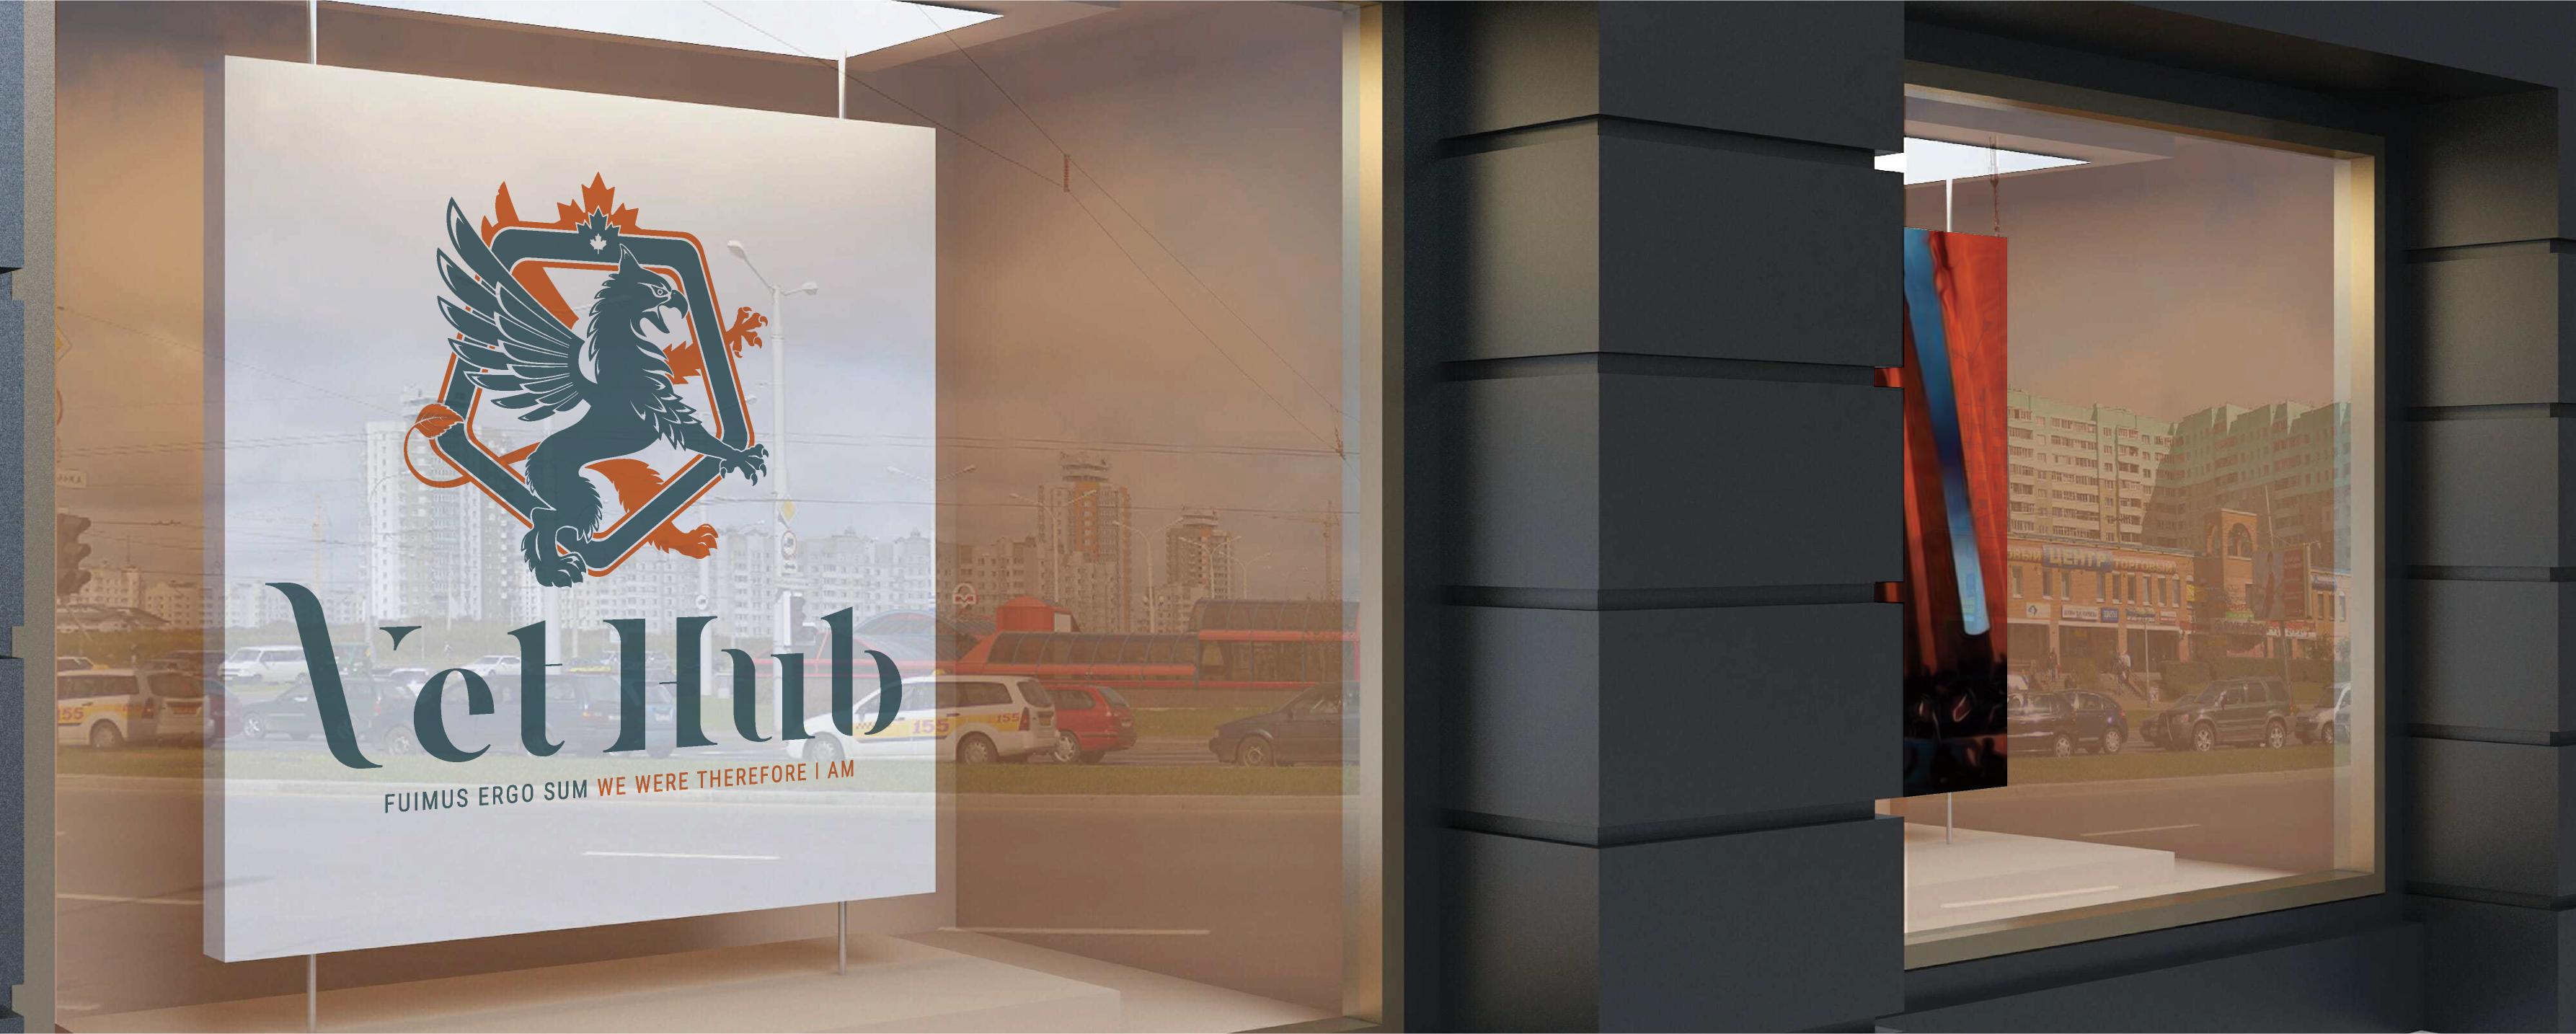 Vet Hub Storefront